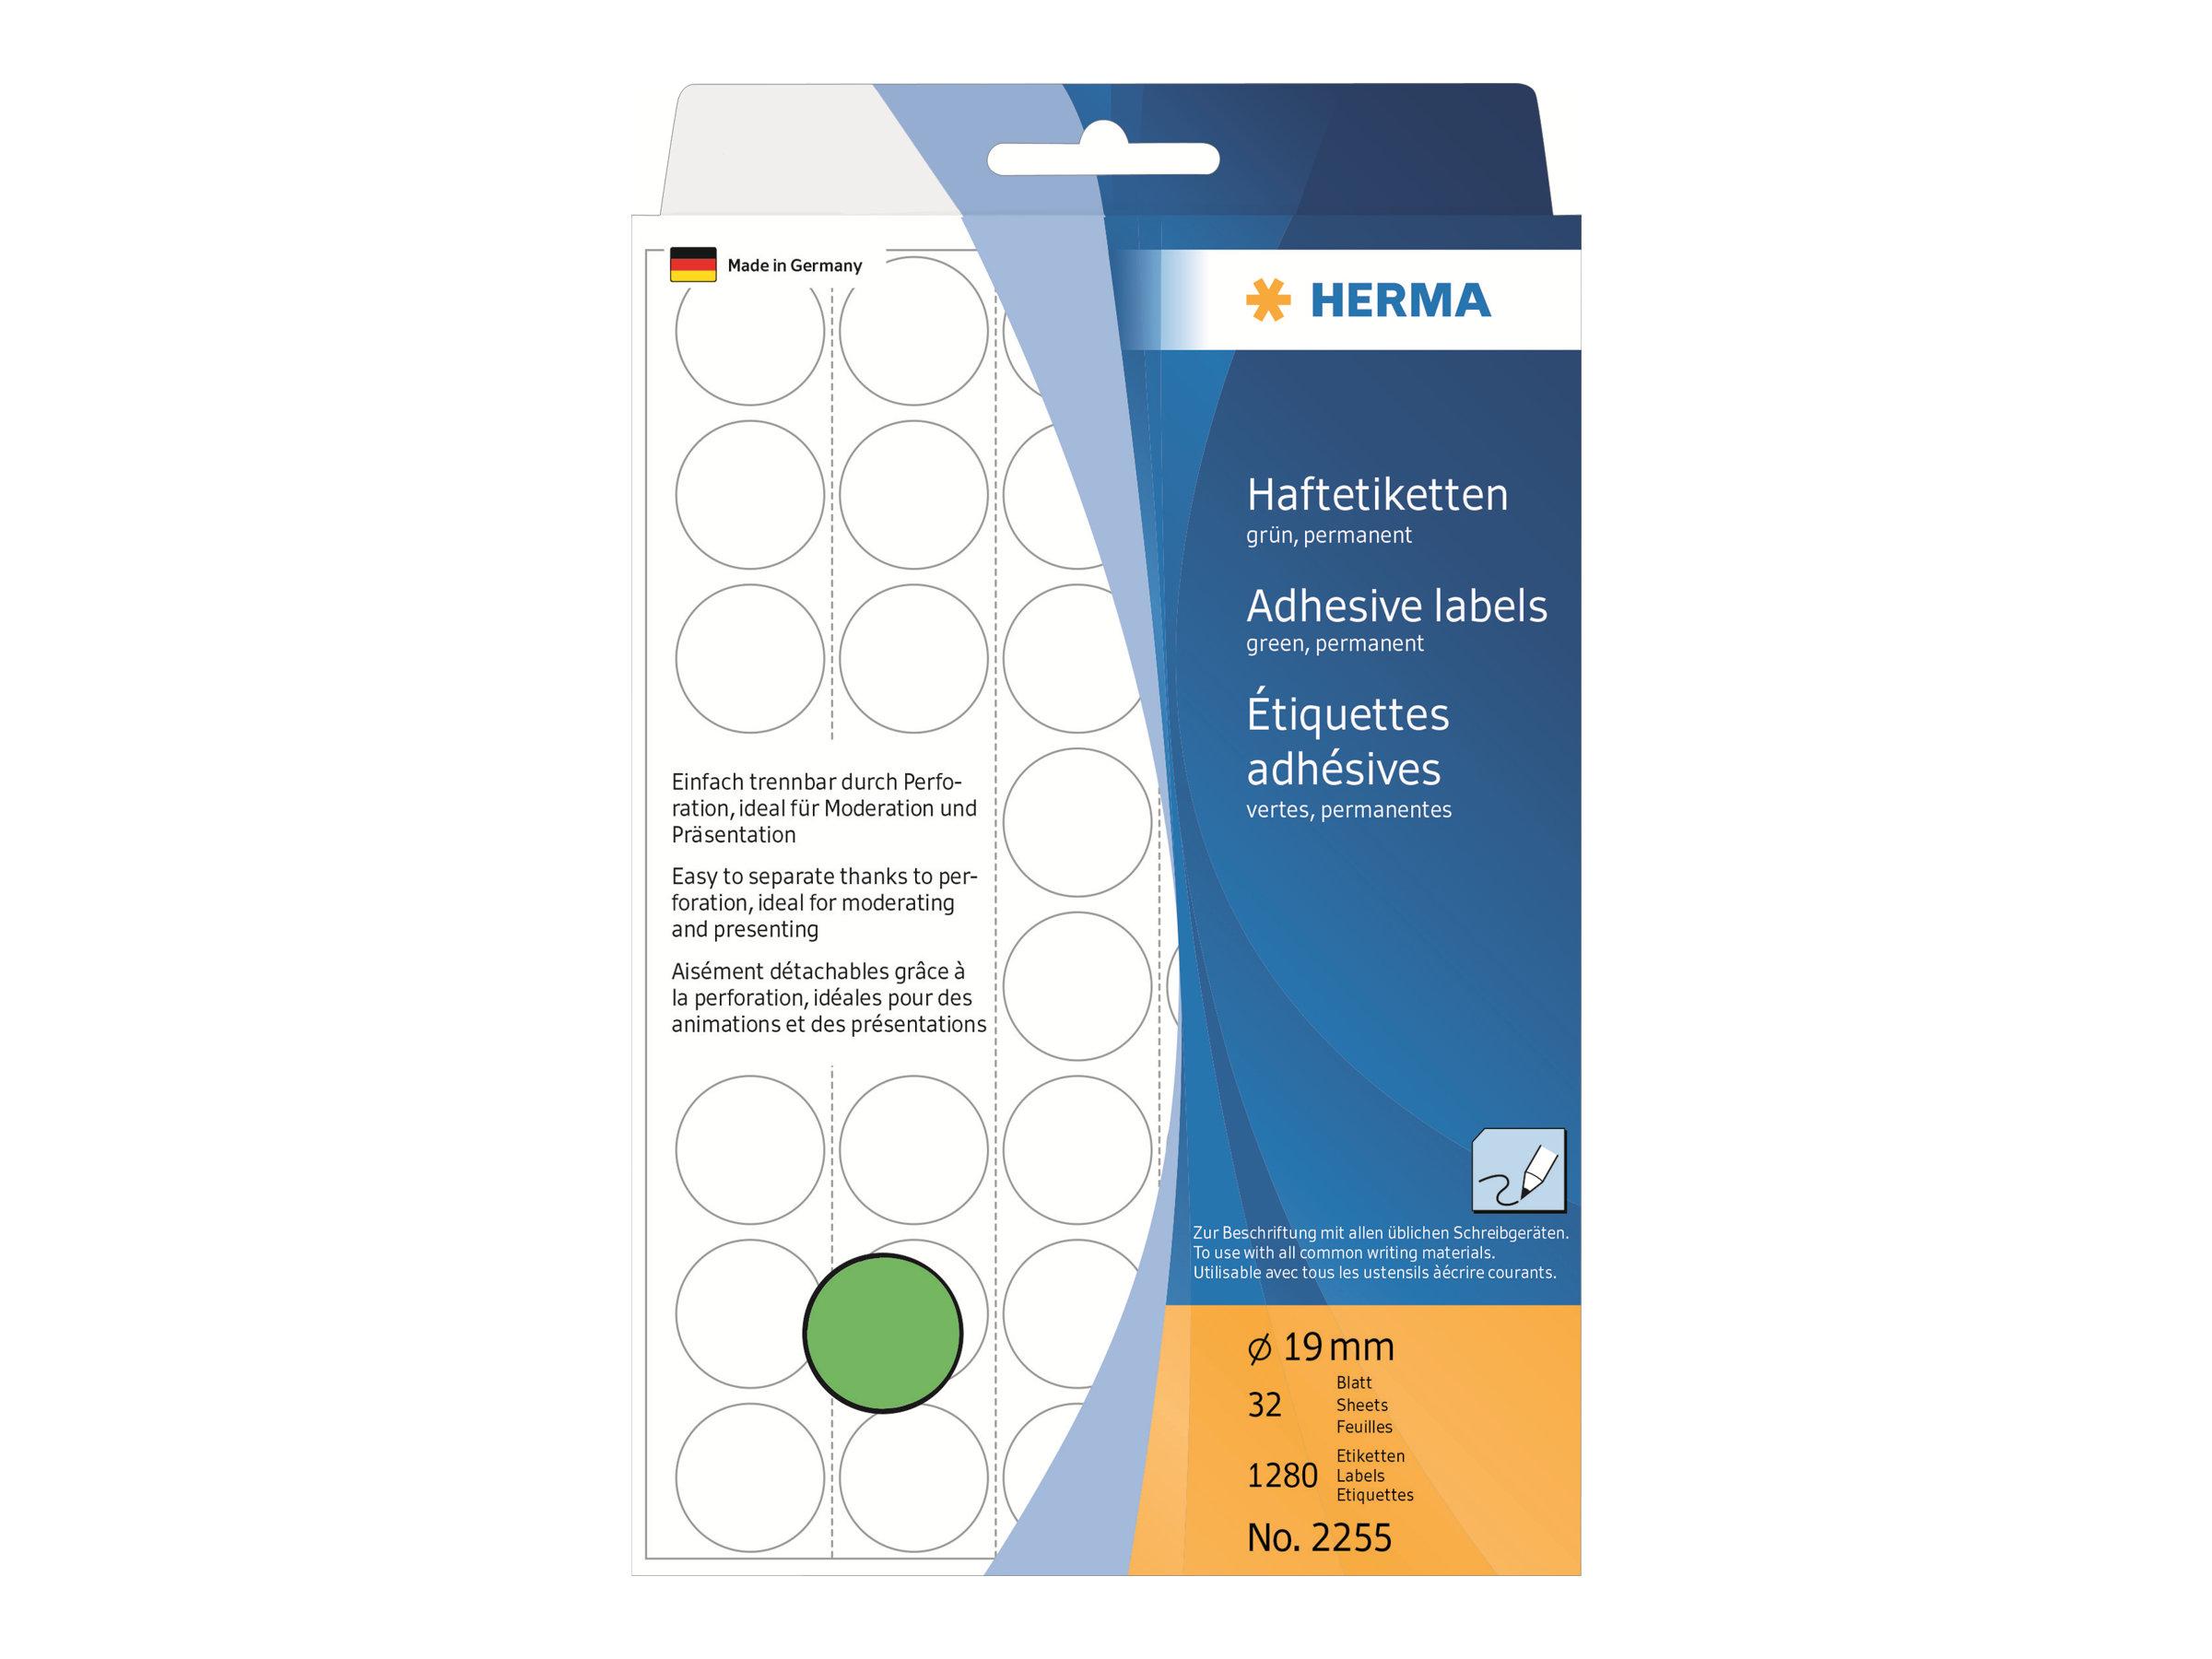 HERMA Papier - permanenter Klebstoff - grün - 19 mm rund 1280 Etikett(en) (32 Bogen x 40)